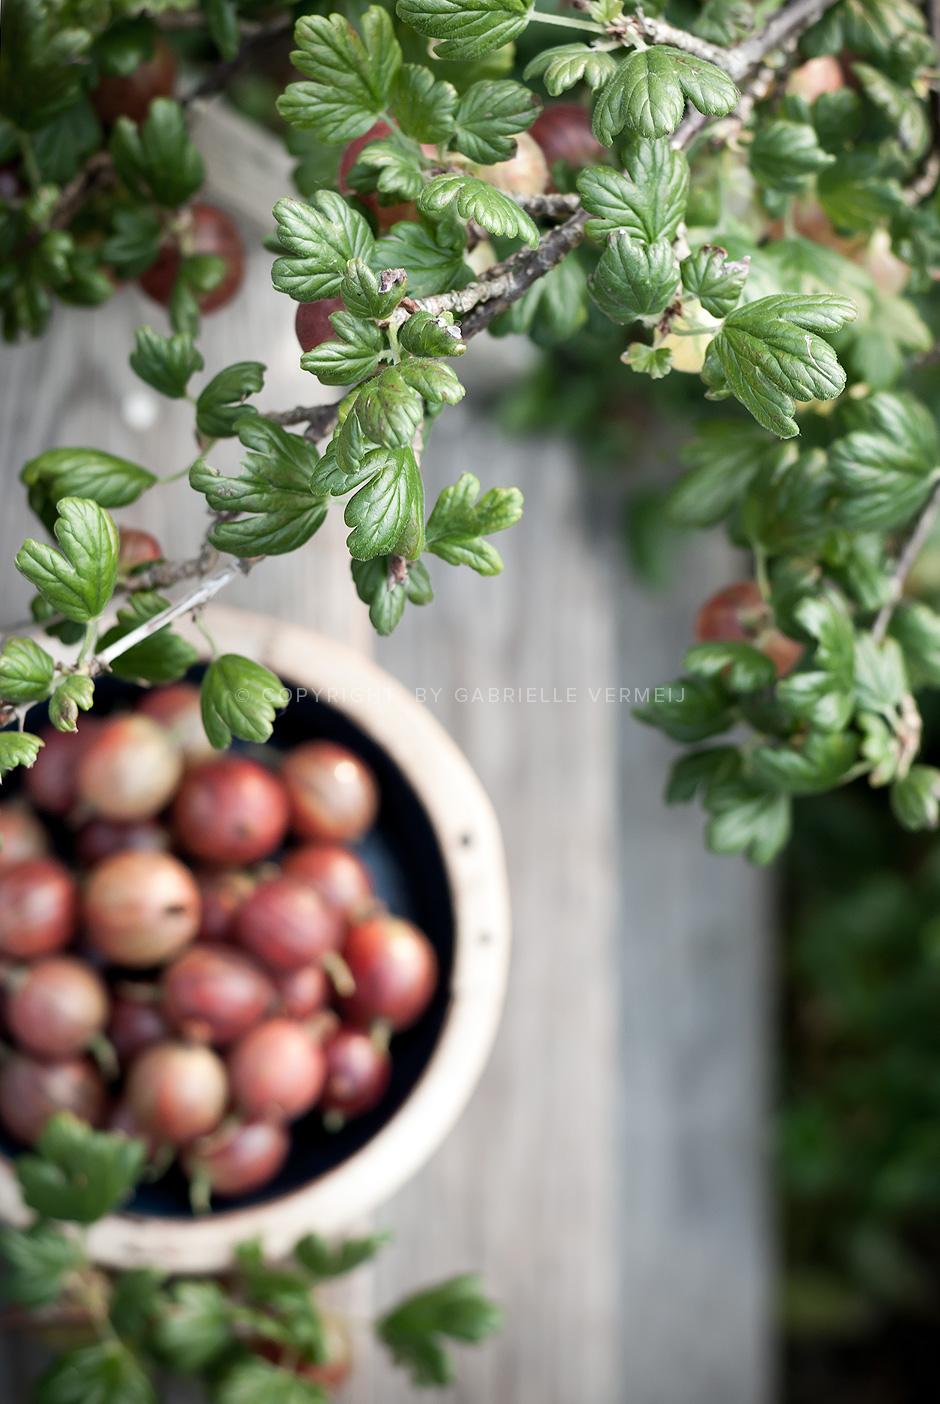 fresh gooseberries by Gabrielle Vermeij